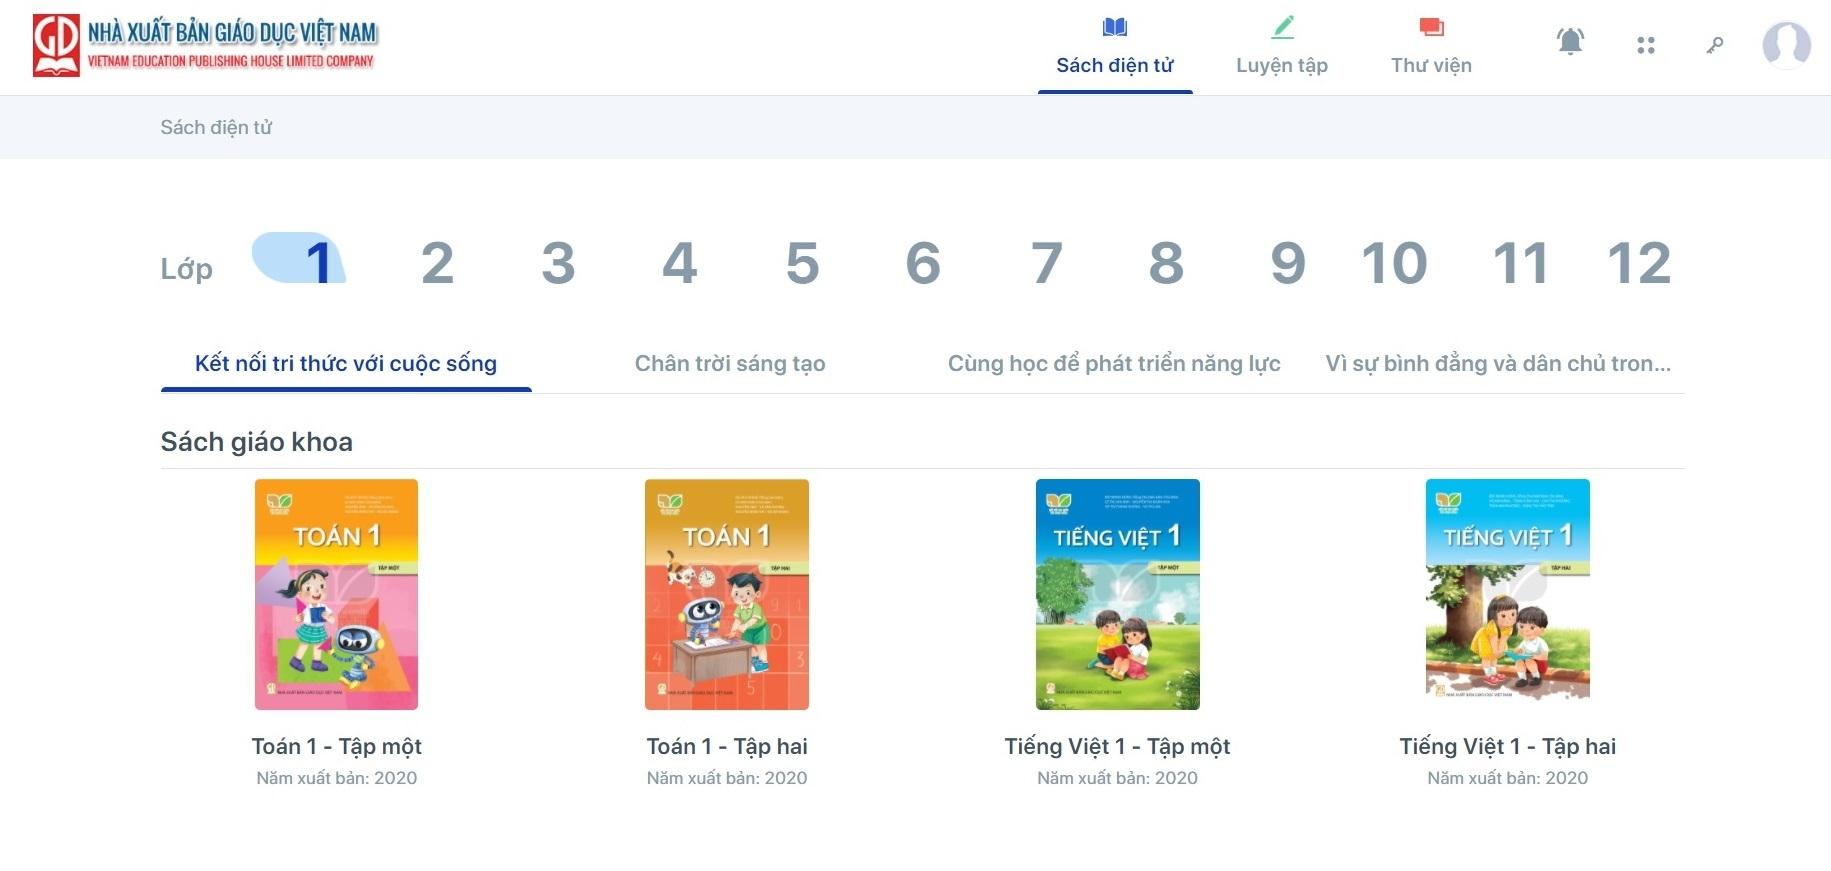 Hướng dẫn đọc sách giáo khoa điện tử miễn phí trong mùa dịch